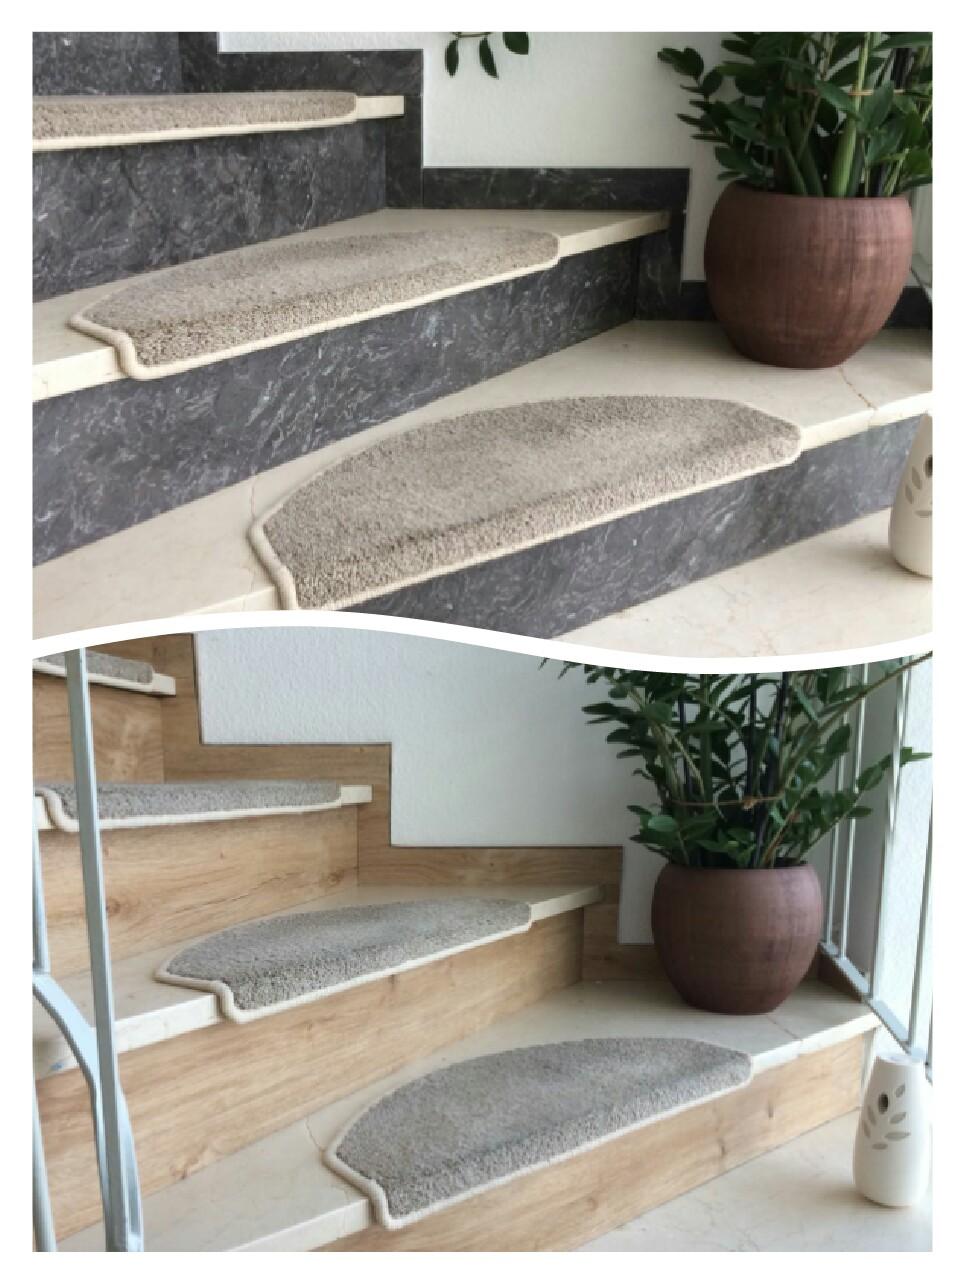 Treppengestaltung mit Vinyldesign -Böden